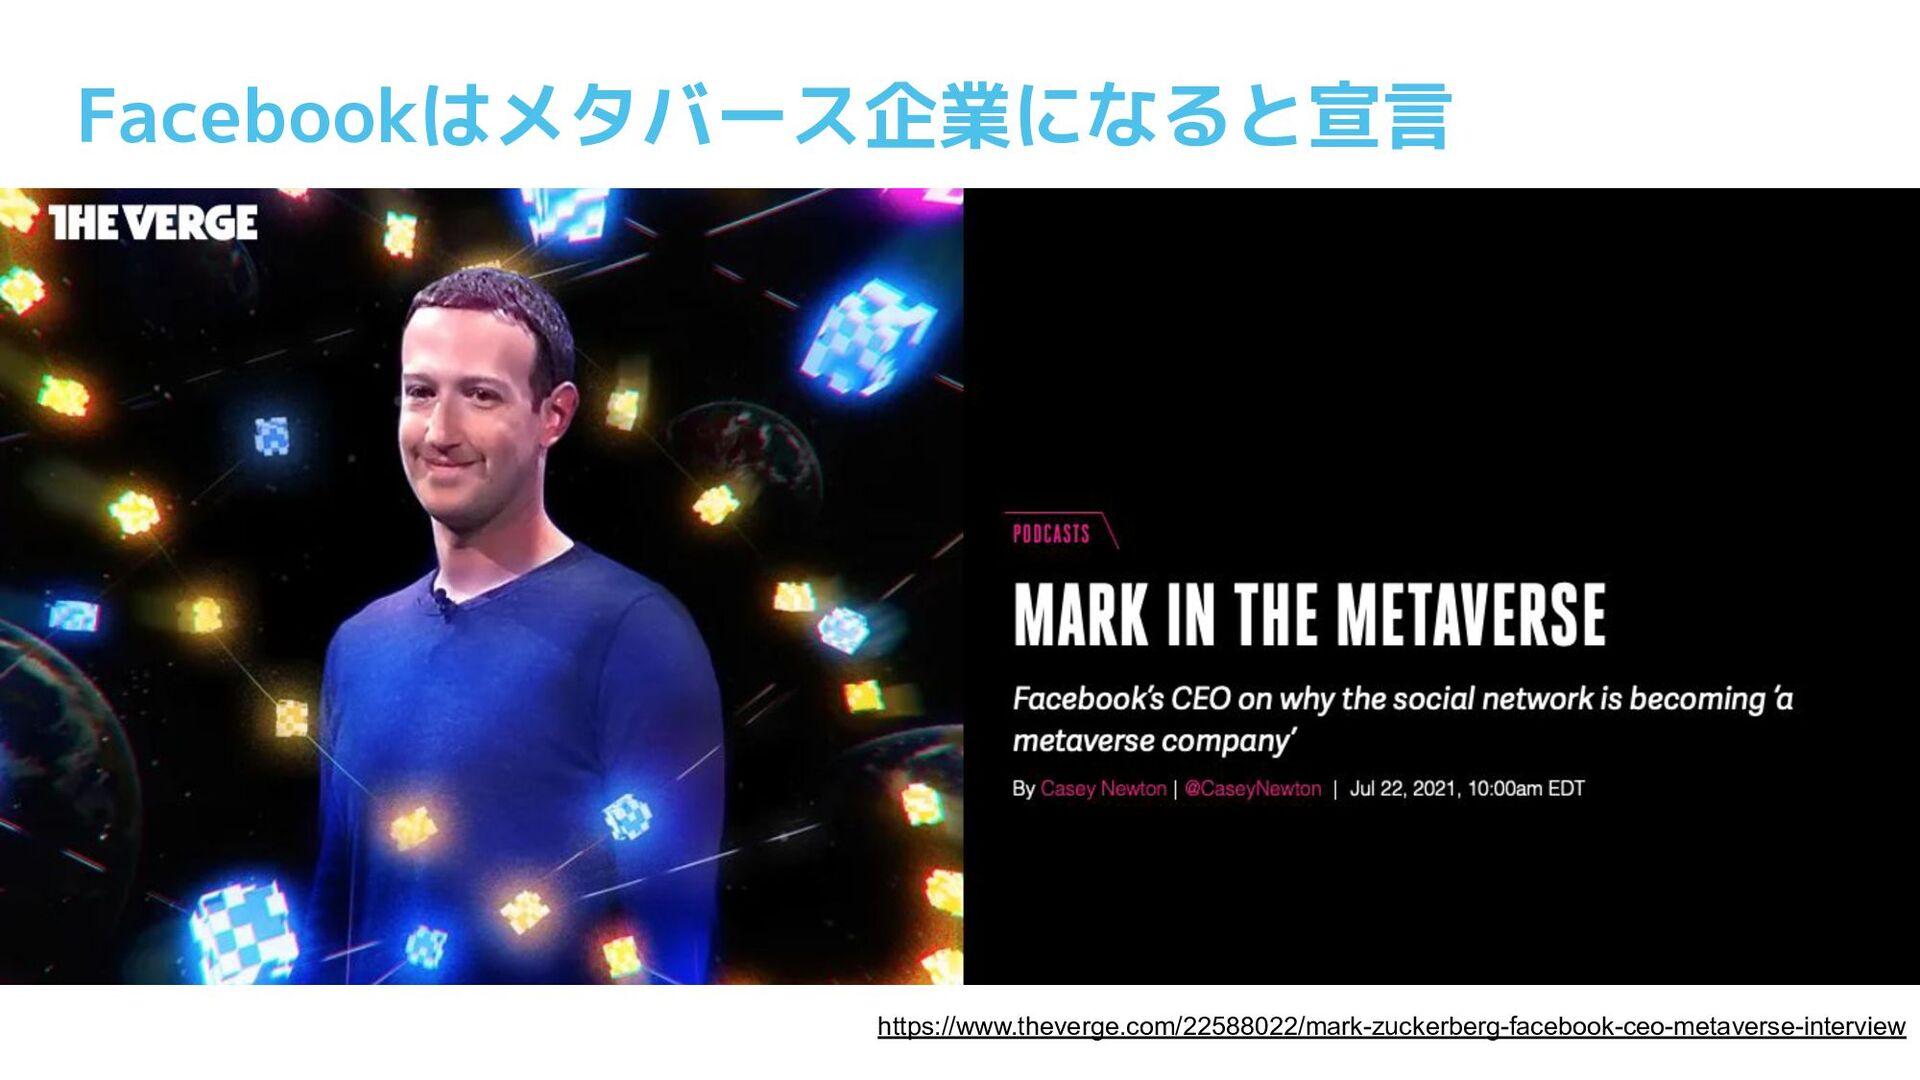 参照:WWD Japan, ファミ通.com 物理的に会えなくてもデジタル空間を介して人と繋が...